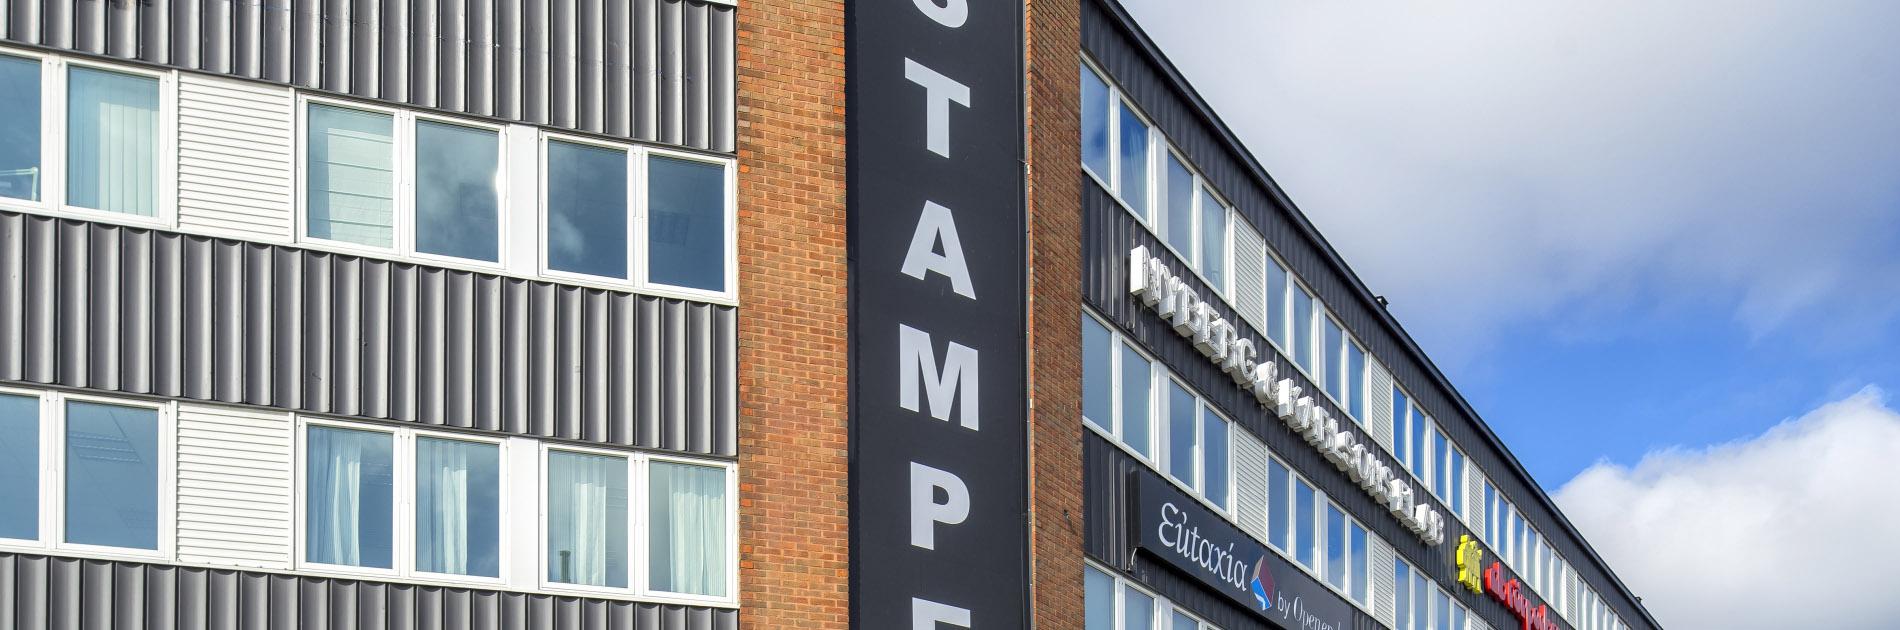 Fasaden på Hantverkshuset Stampen.